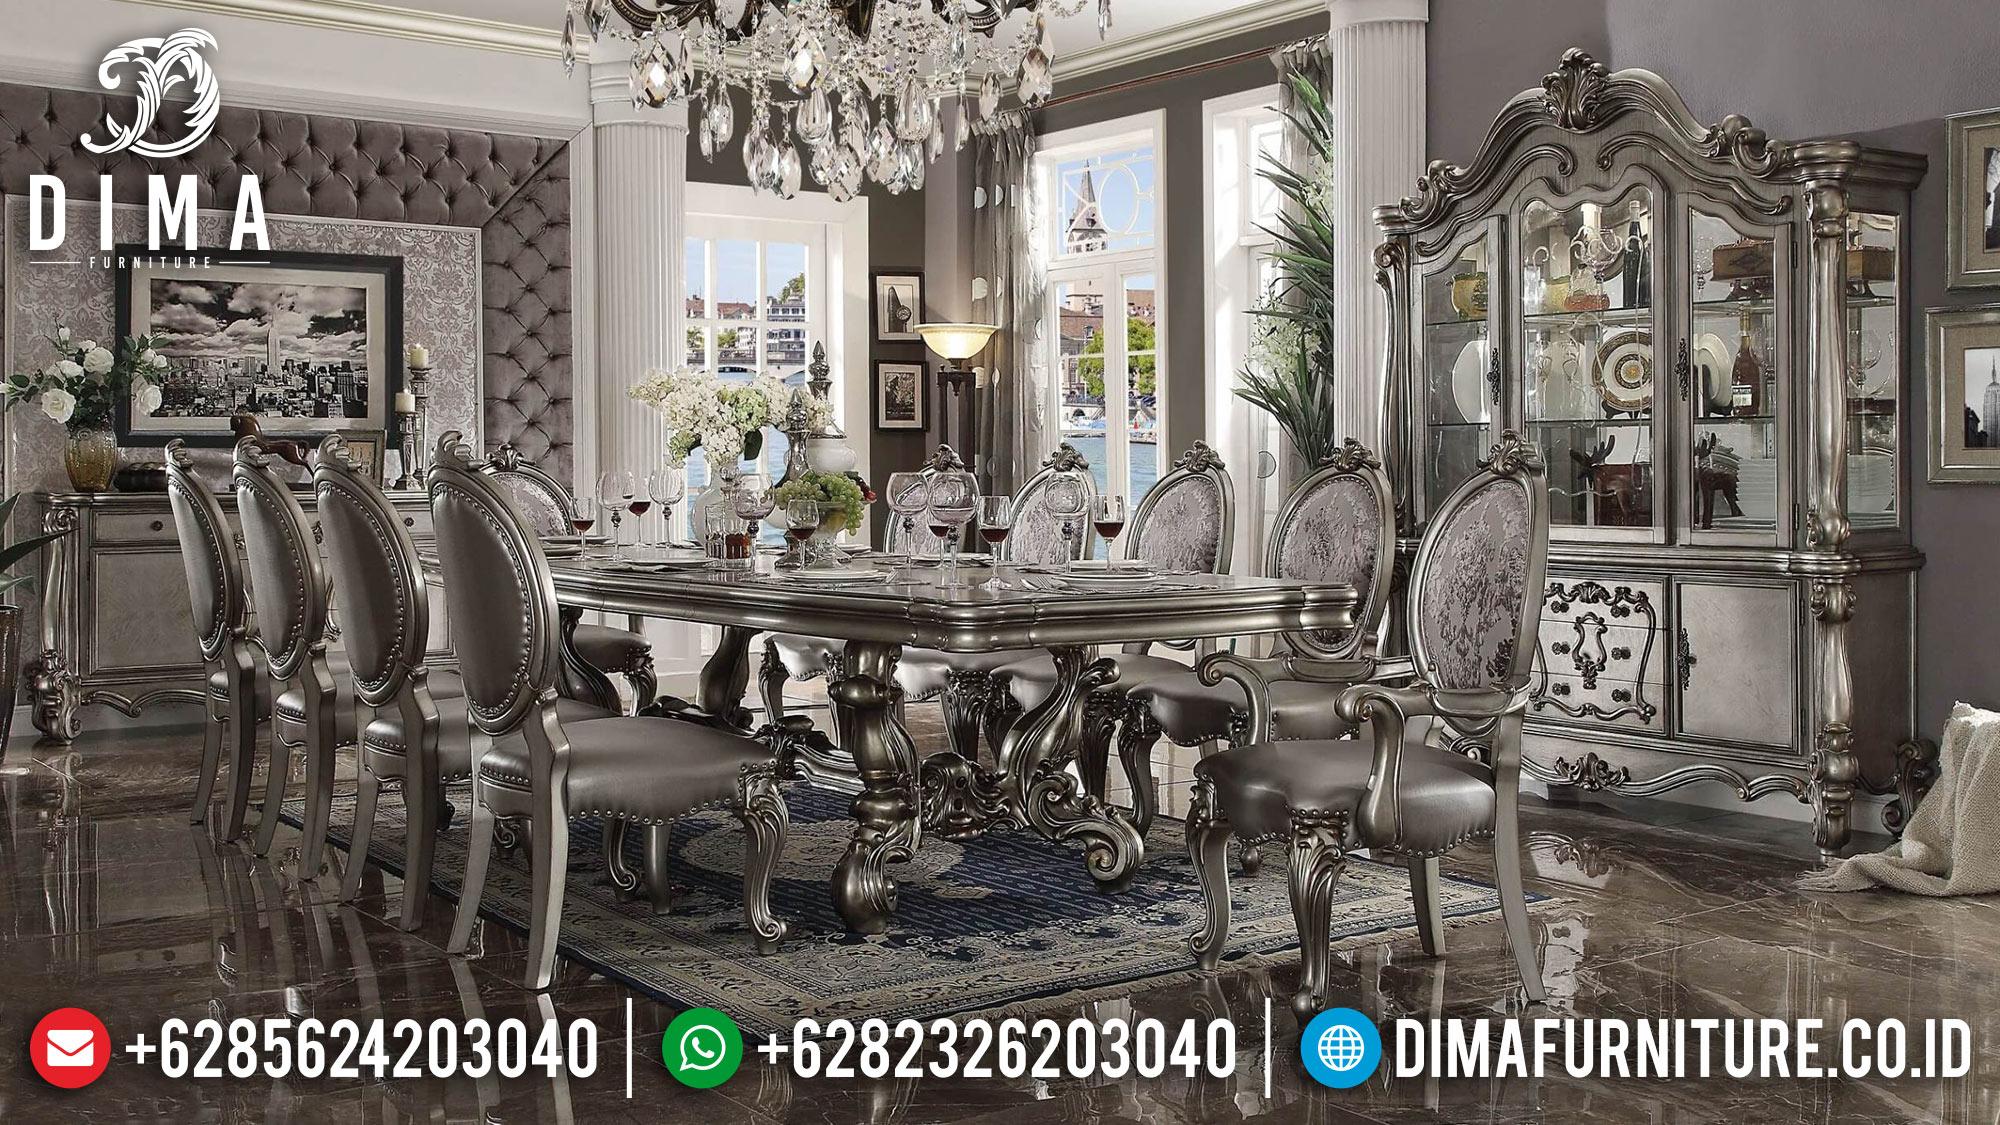 Meja Makan Mewah Jepara Terbaru 2018 08 Dima Furniture Jepara